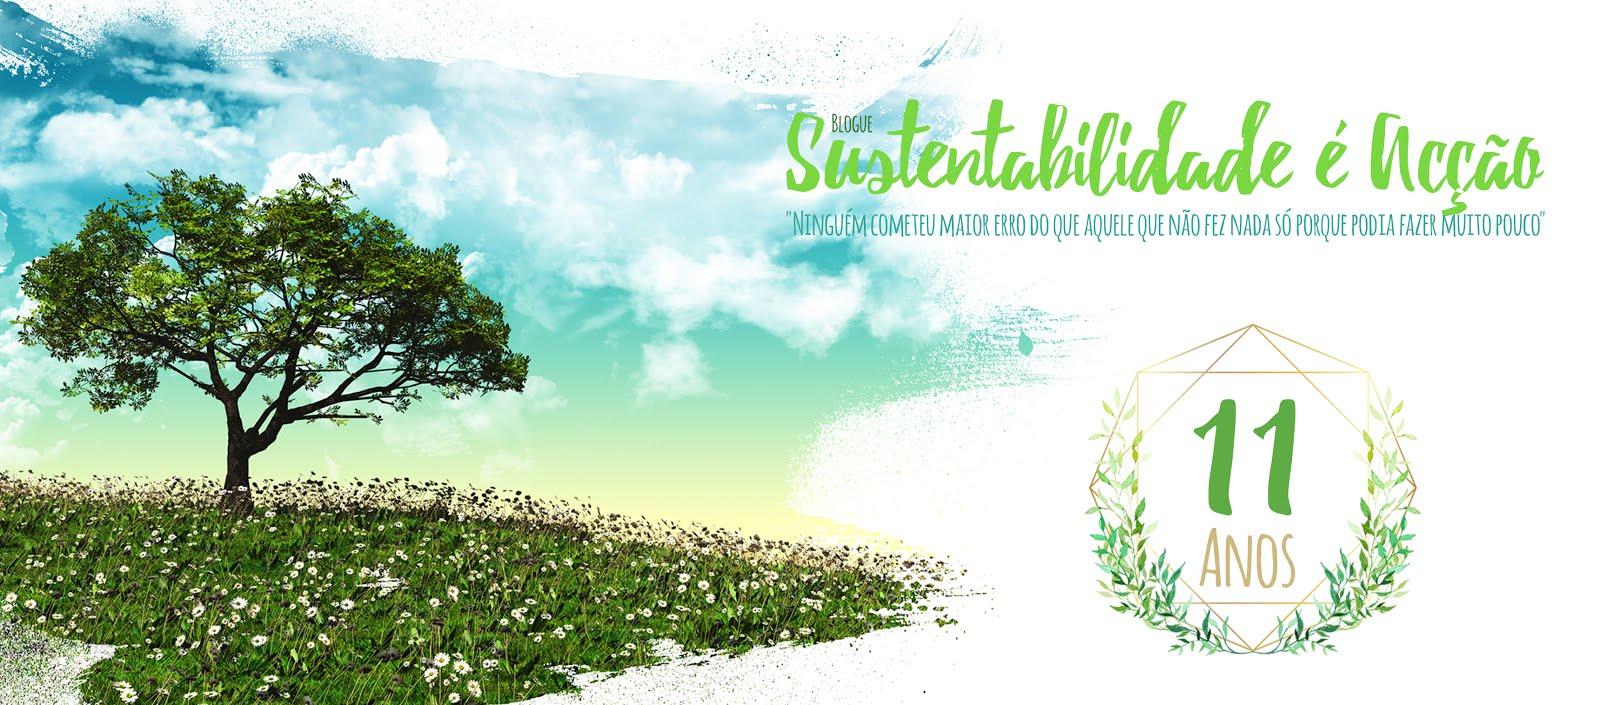 Blogue Sustentabilidade é Acção